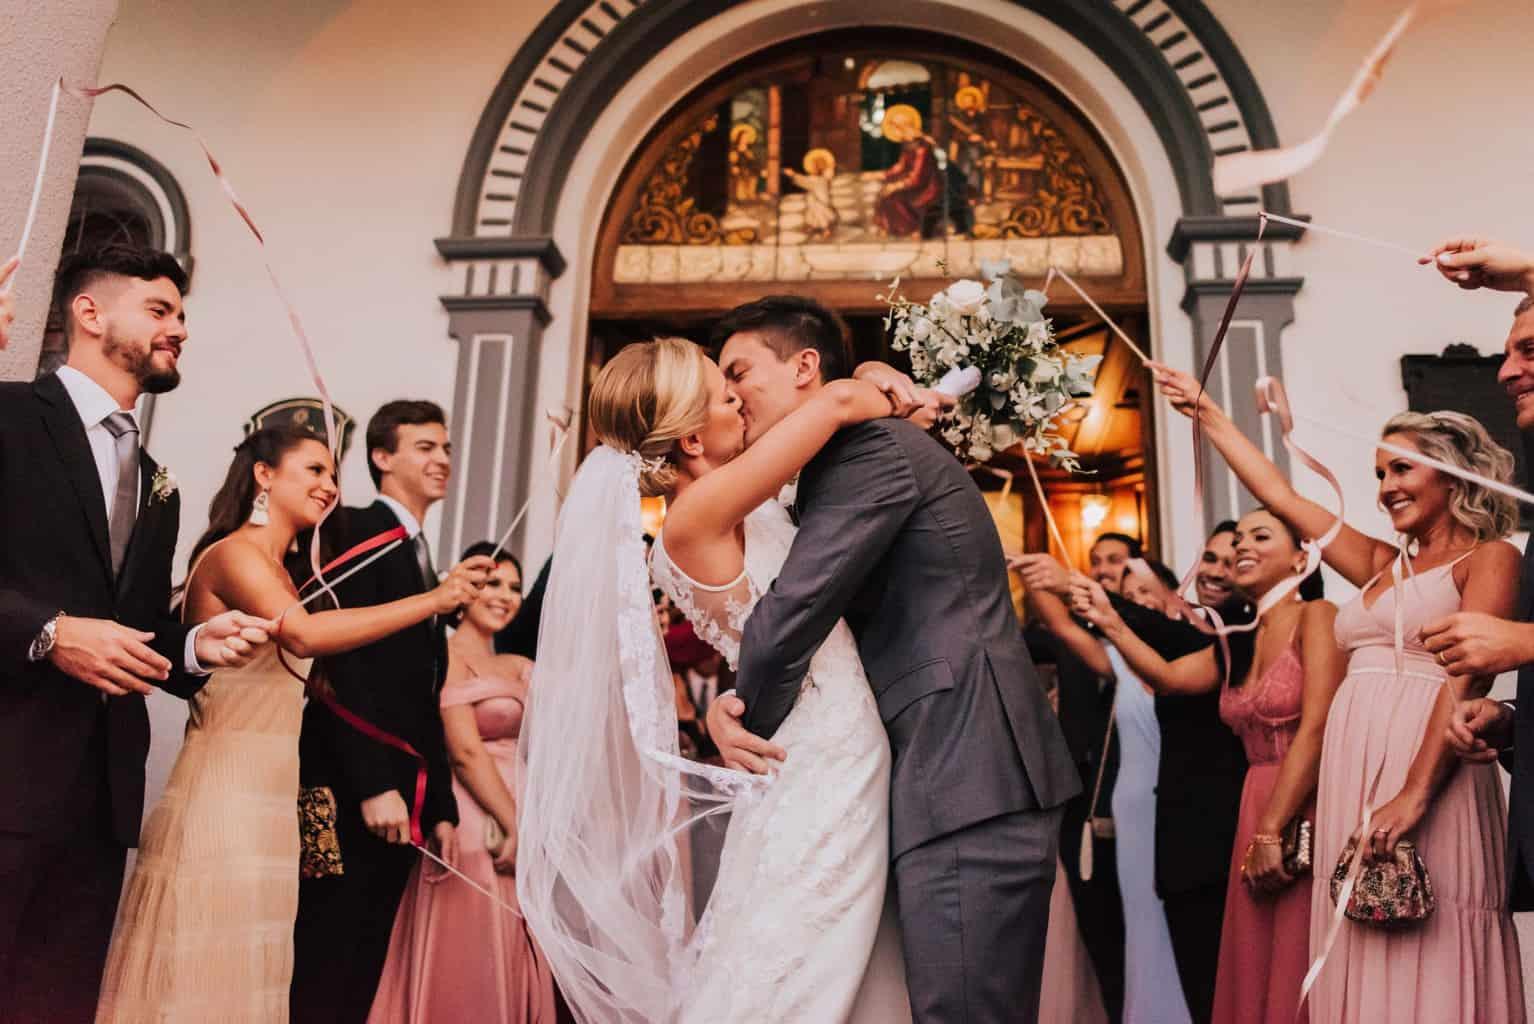 Braulio-Delai-casamento-Luciana-e-Eduardo-cerimonia-na-igreja-Cerimonial-Sandra-Colin-Fotografia-Mana-Gollo-fotos-dos-noivos-Igreja-Santa-Terezinha-e-Espaço-Klaine14